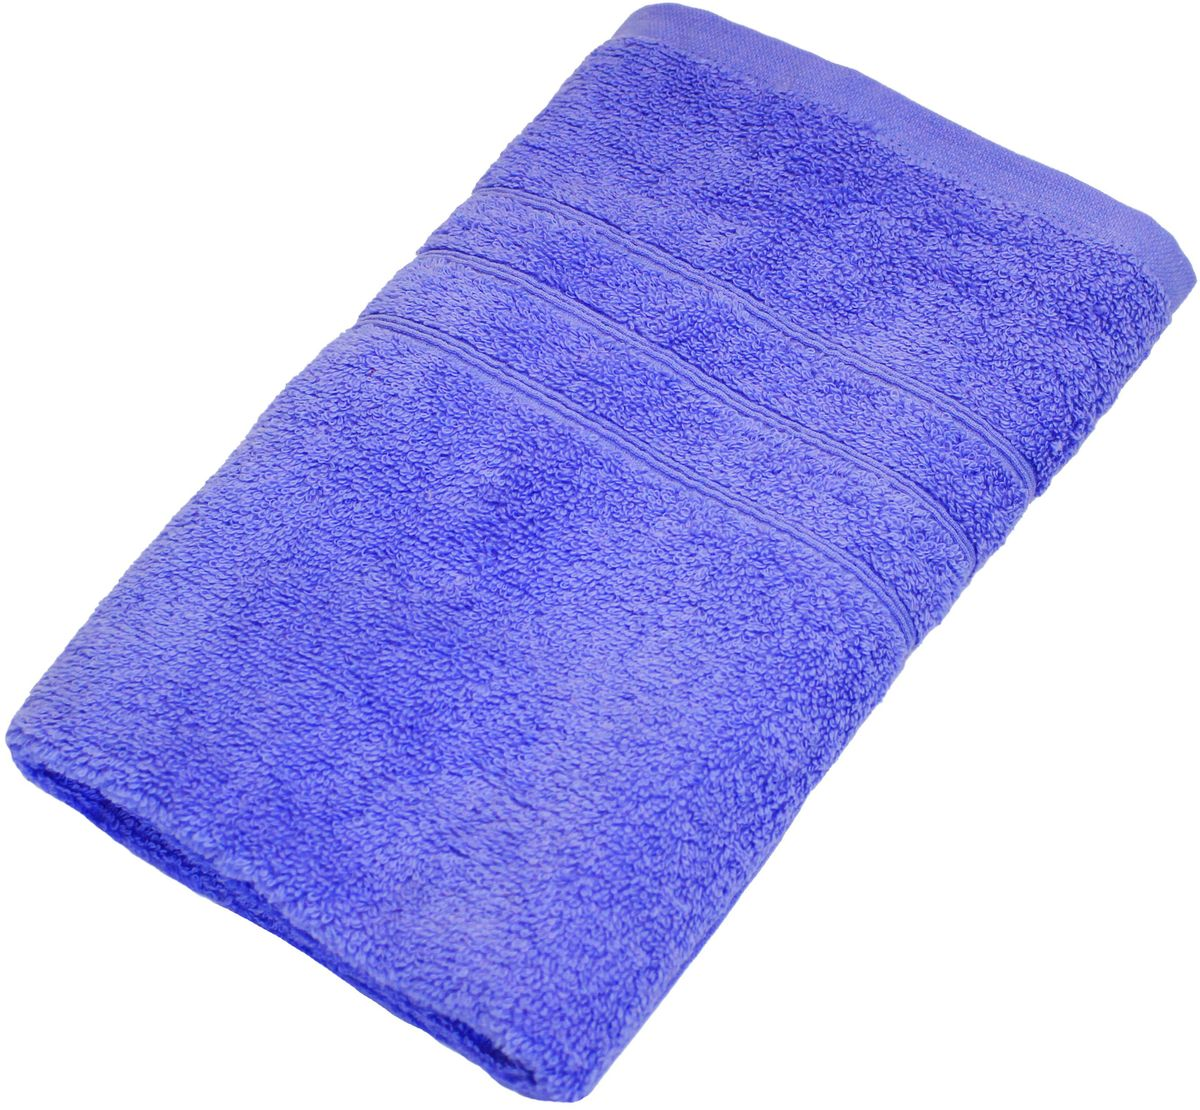 Полотенце Proffi Home Модерн, цвет: синий, 50 x 100 см391602Мягкое махровое полотенцеProffi Home Модерн отлично впитывает влагу и быстро сохнет, приятно в него завернуться после принятия ванны или посещения сауны. Поэтому данное махровое полотенце можно использовать в качестве душевого, банного или пляжного полотенца. Состав: 100% хлопок.